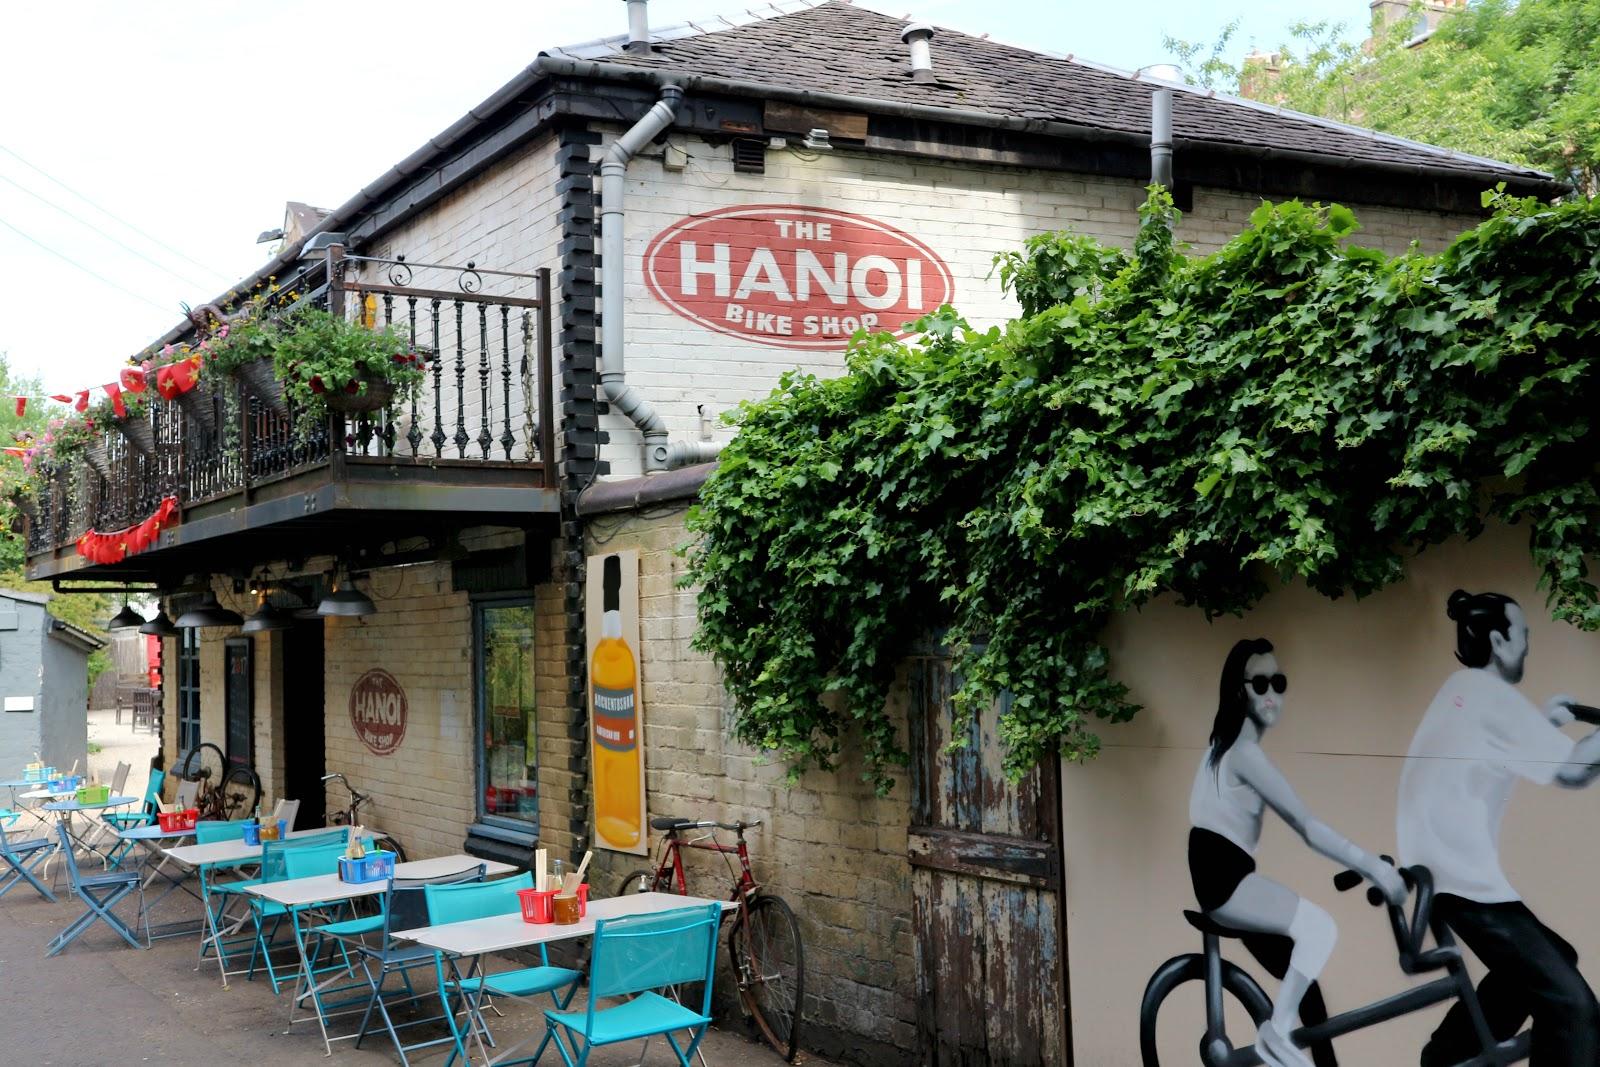 Hanoi Bike Club Glasgow